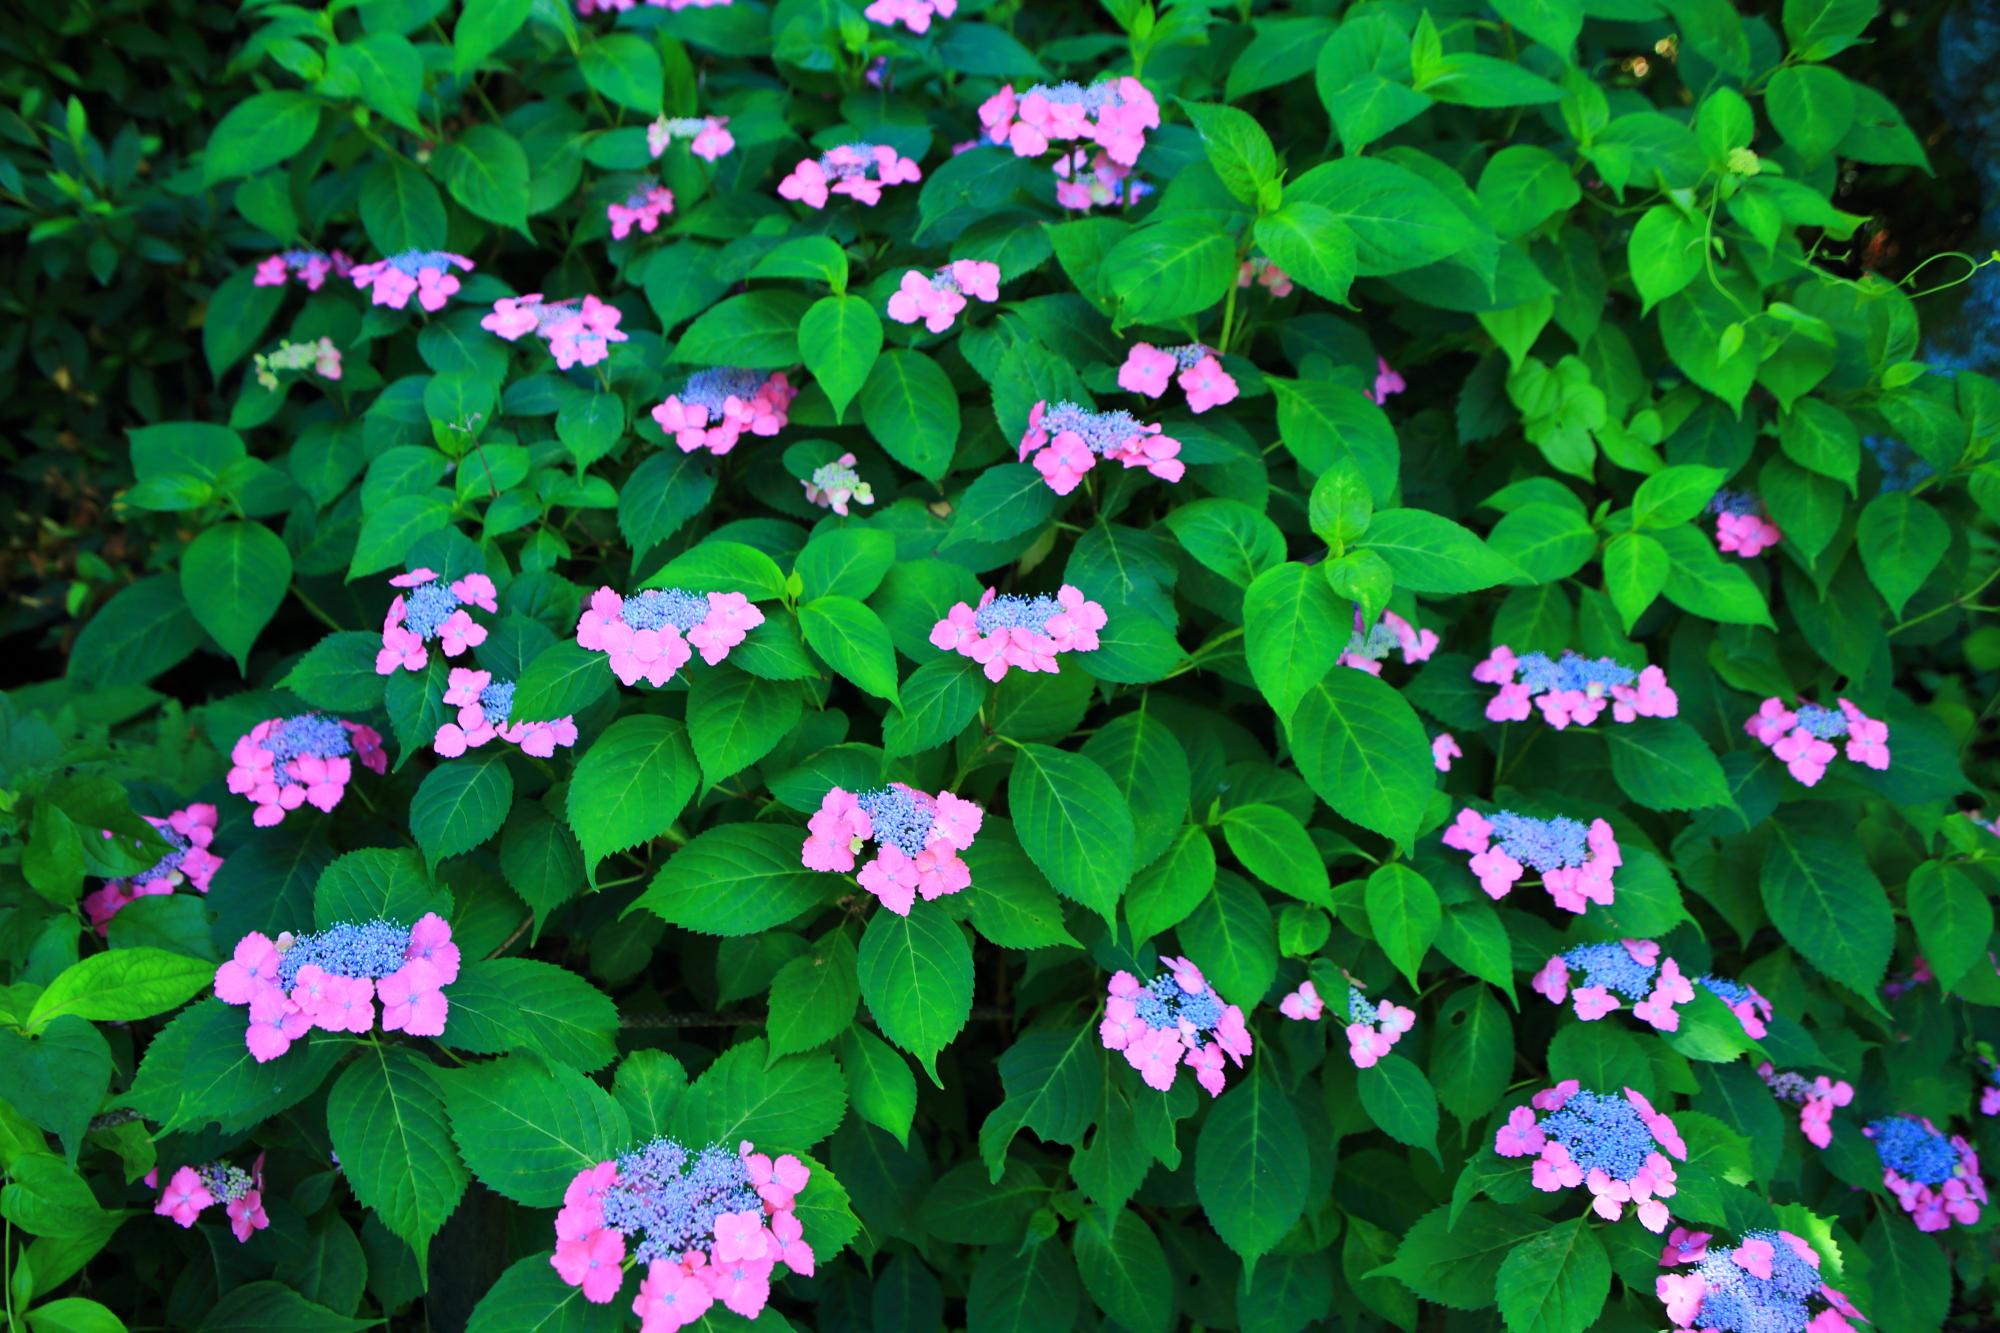 青とピンクの独特の色合いの額紫陽花